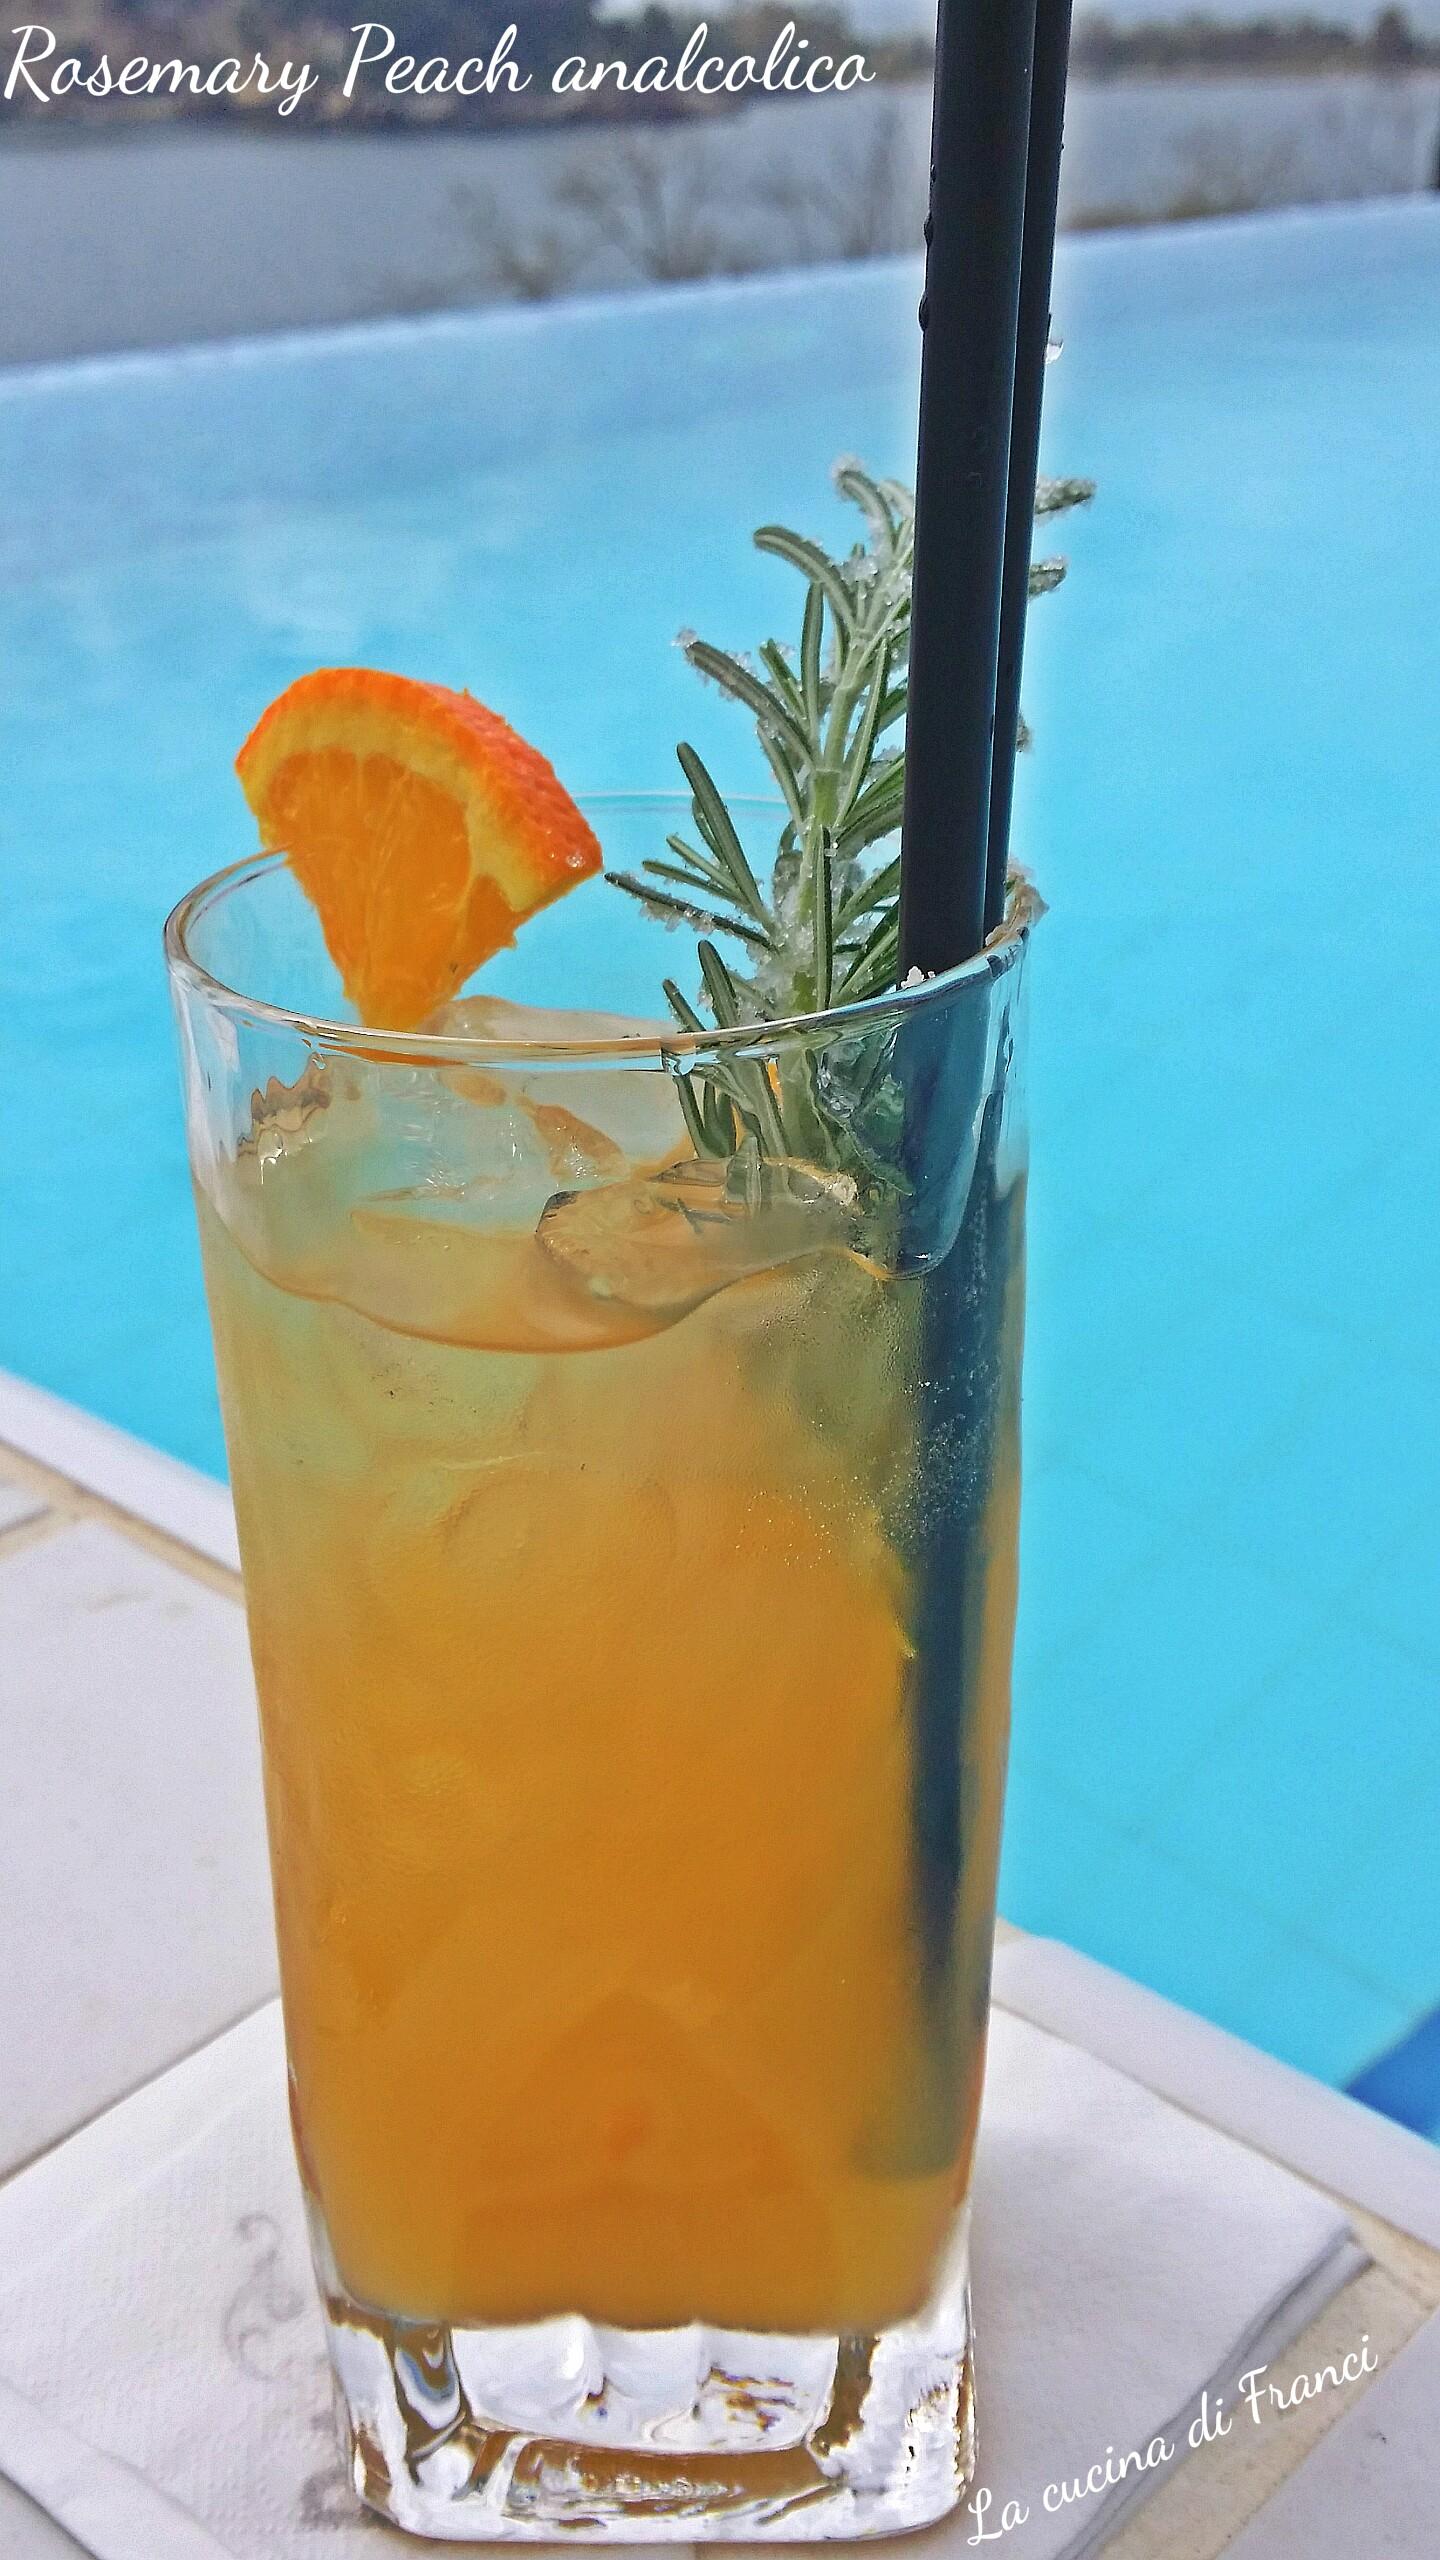 Cocktail analcolico pesca arancia e rosmarino 2